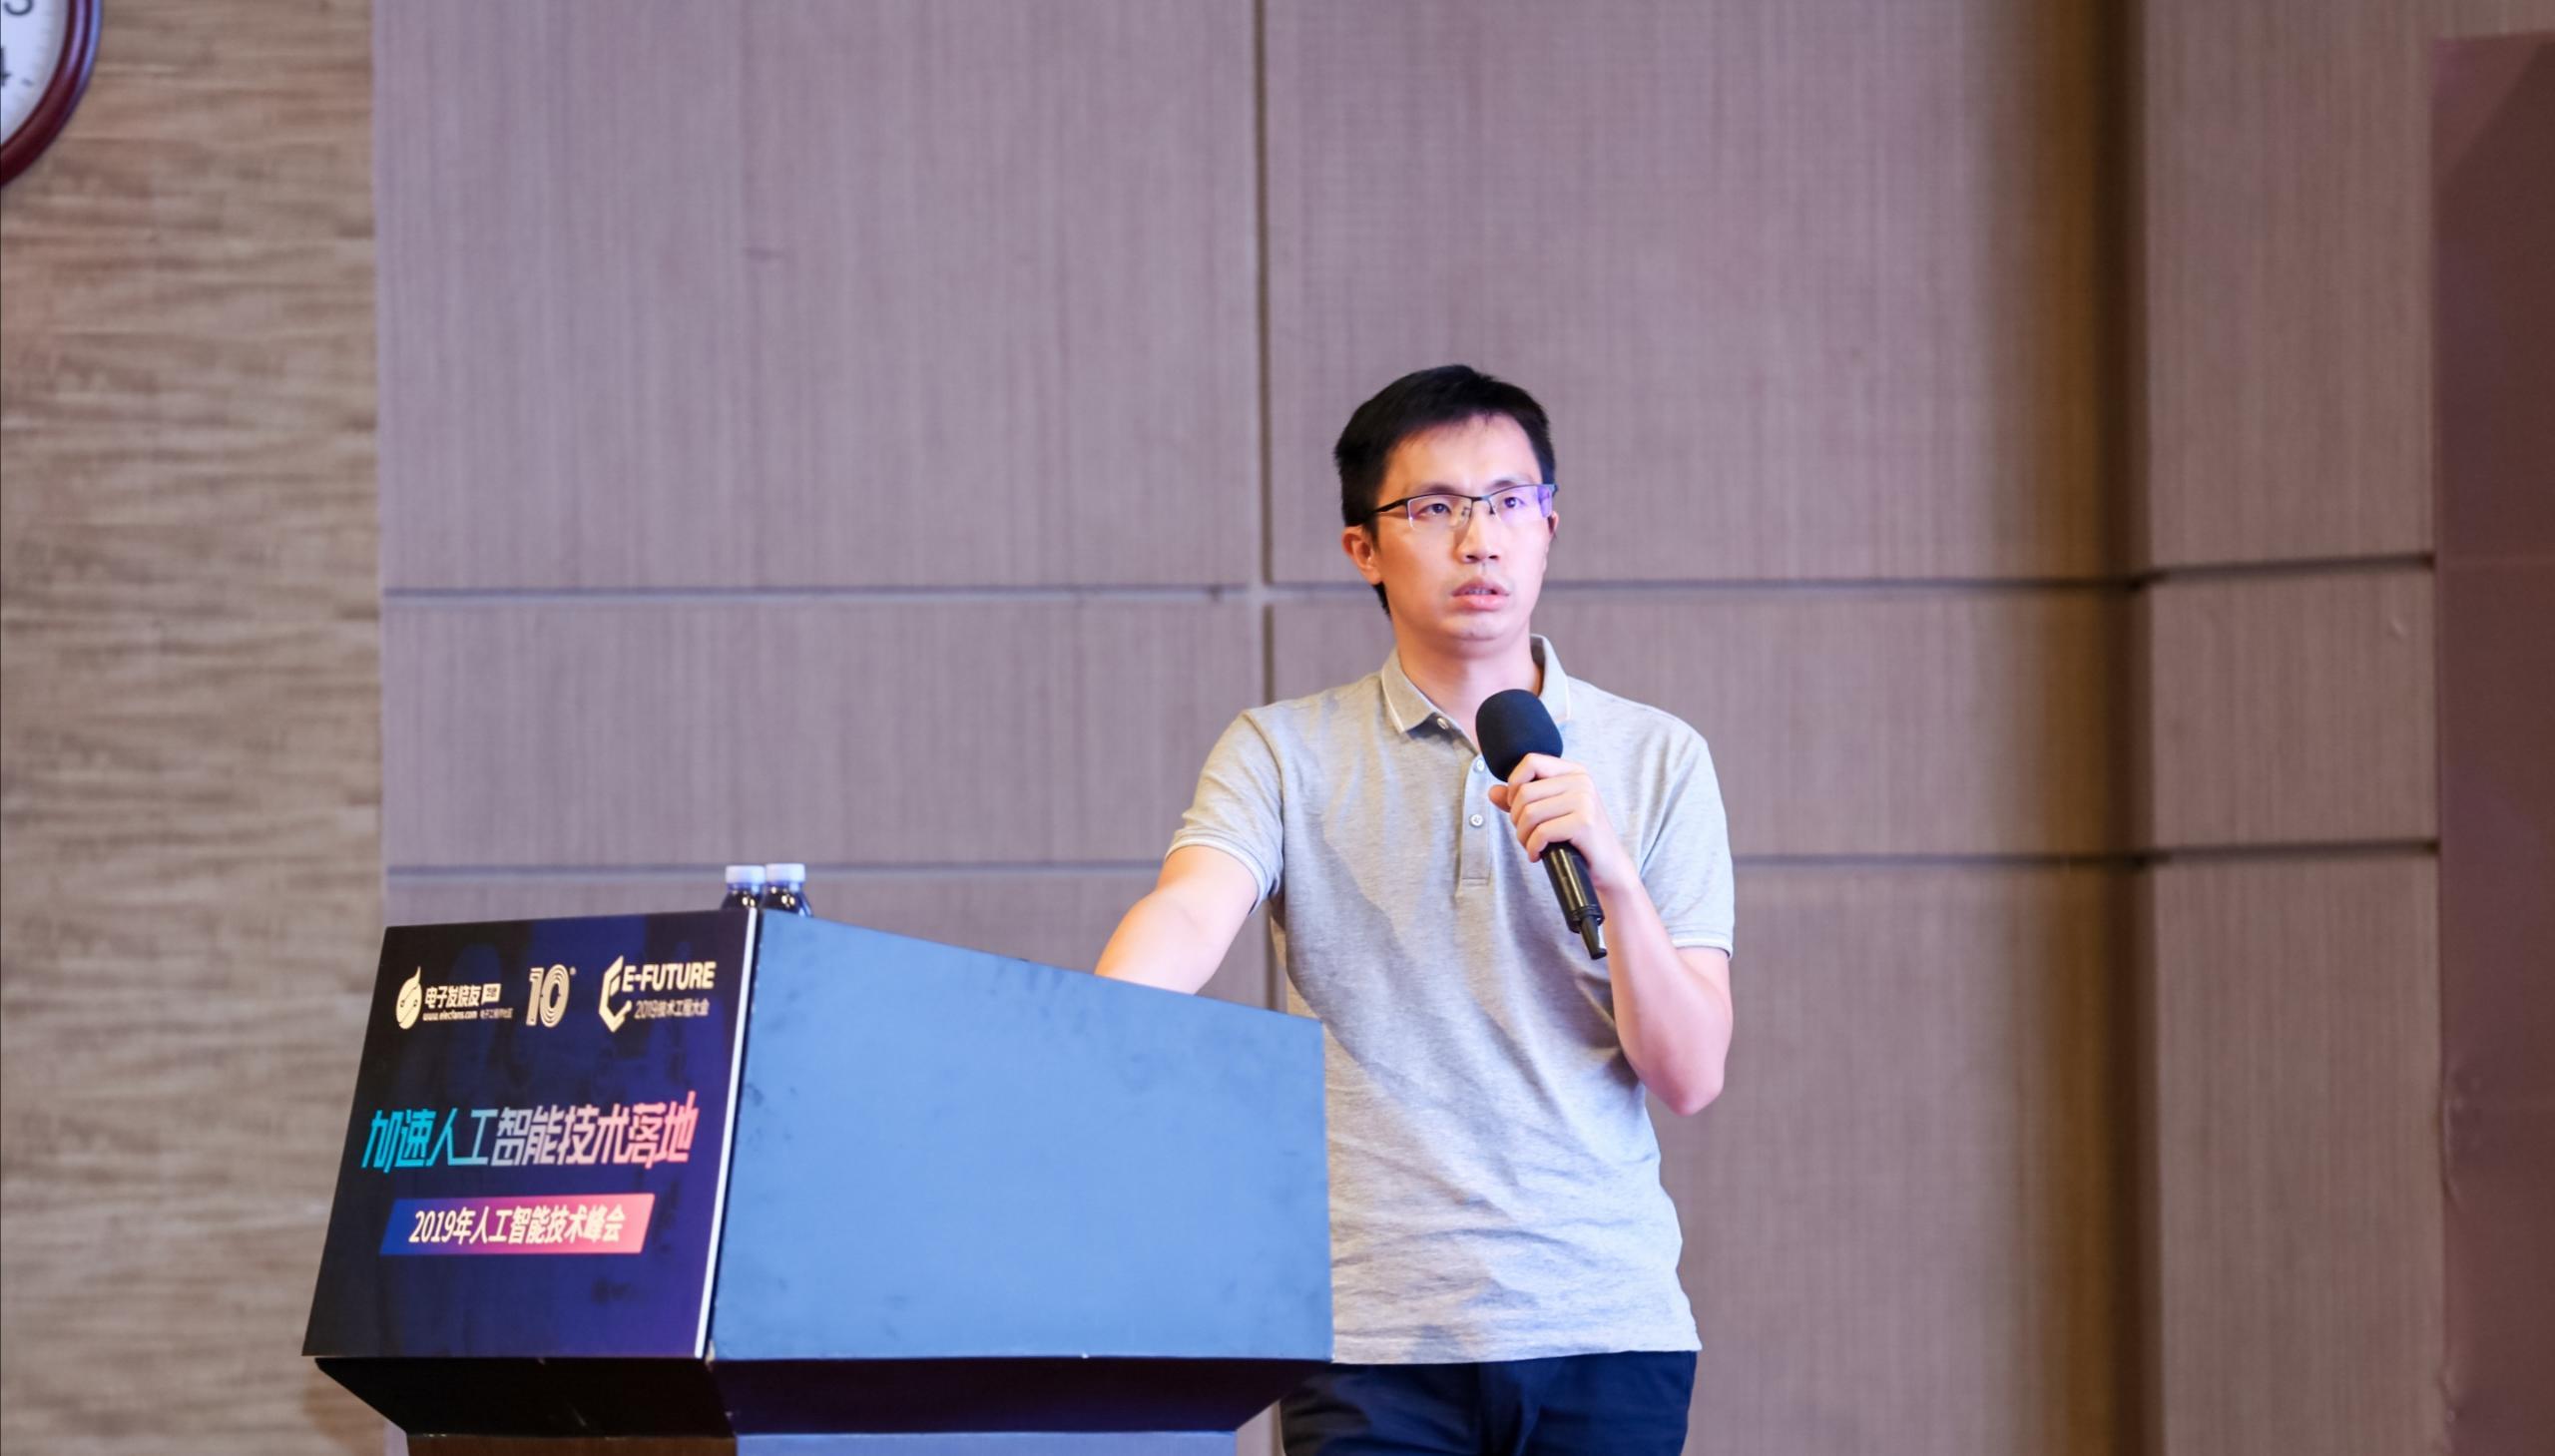 瑞芯微电子高级产品经理邱建斌